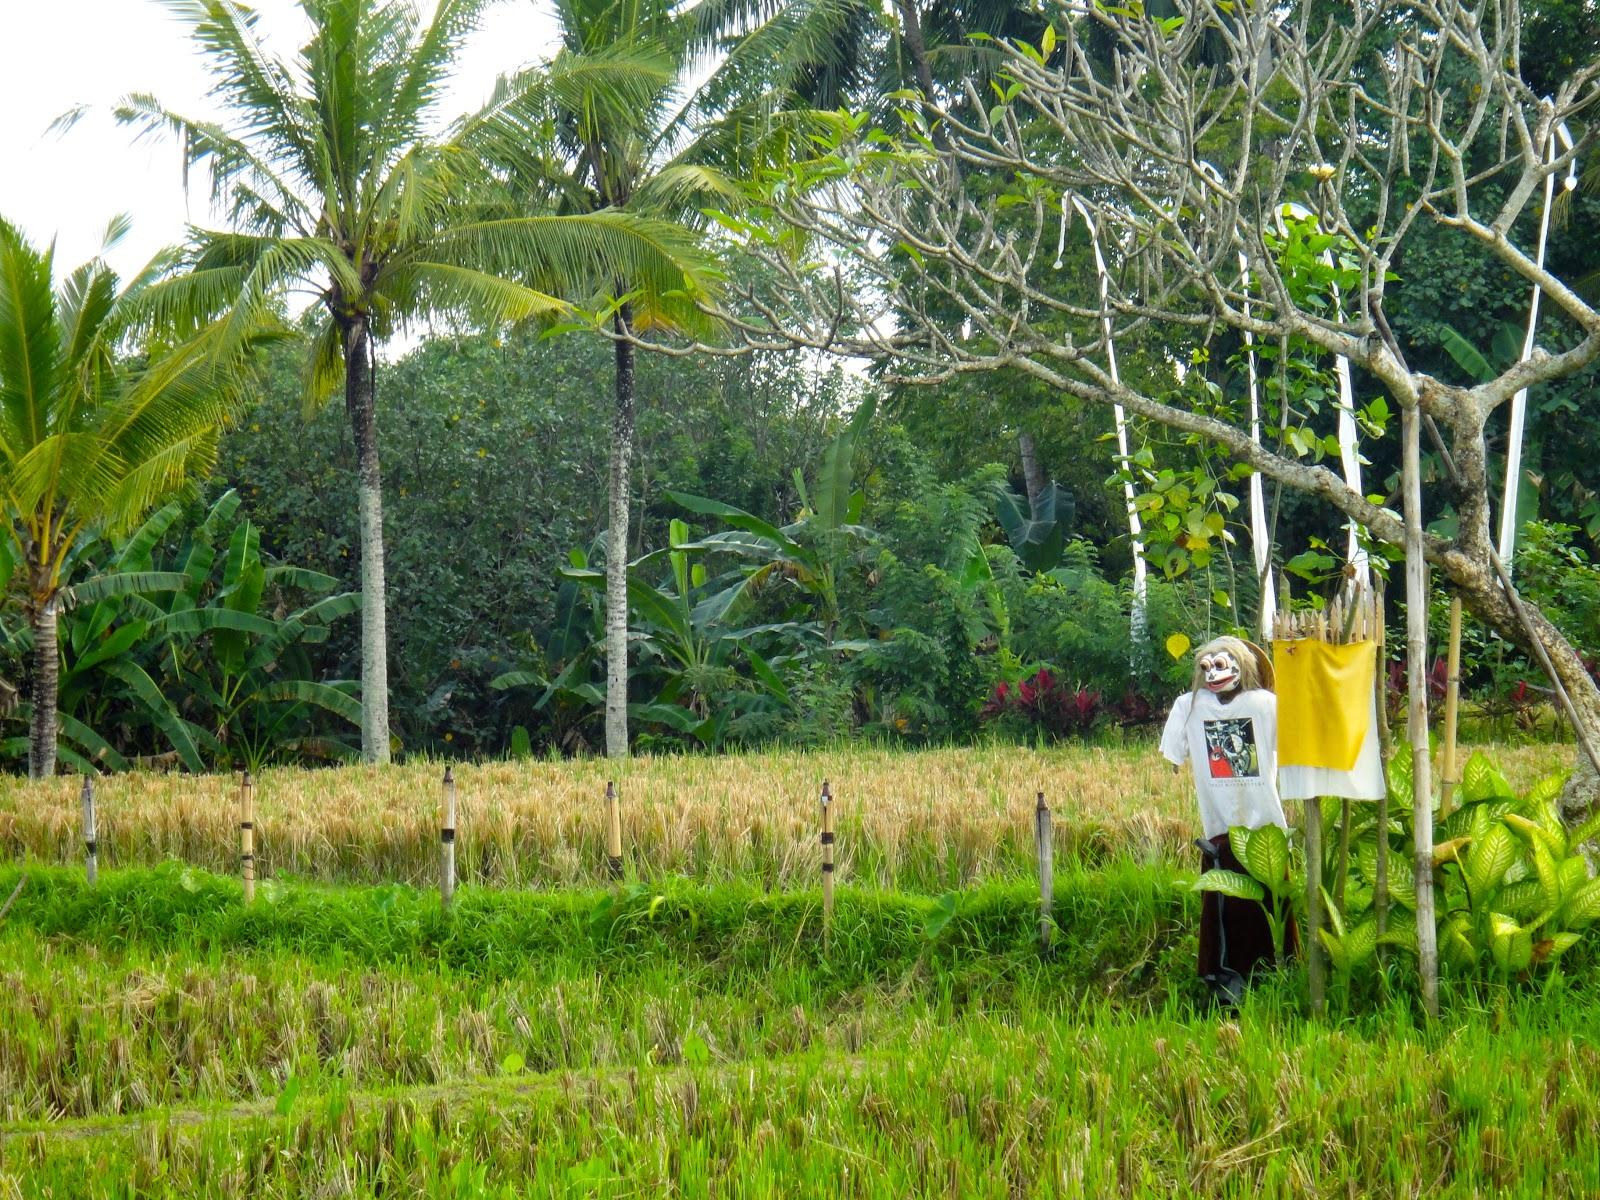 Bebek Tepi Sawah Rice Field Ubud Bali Scarecrow